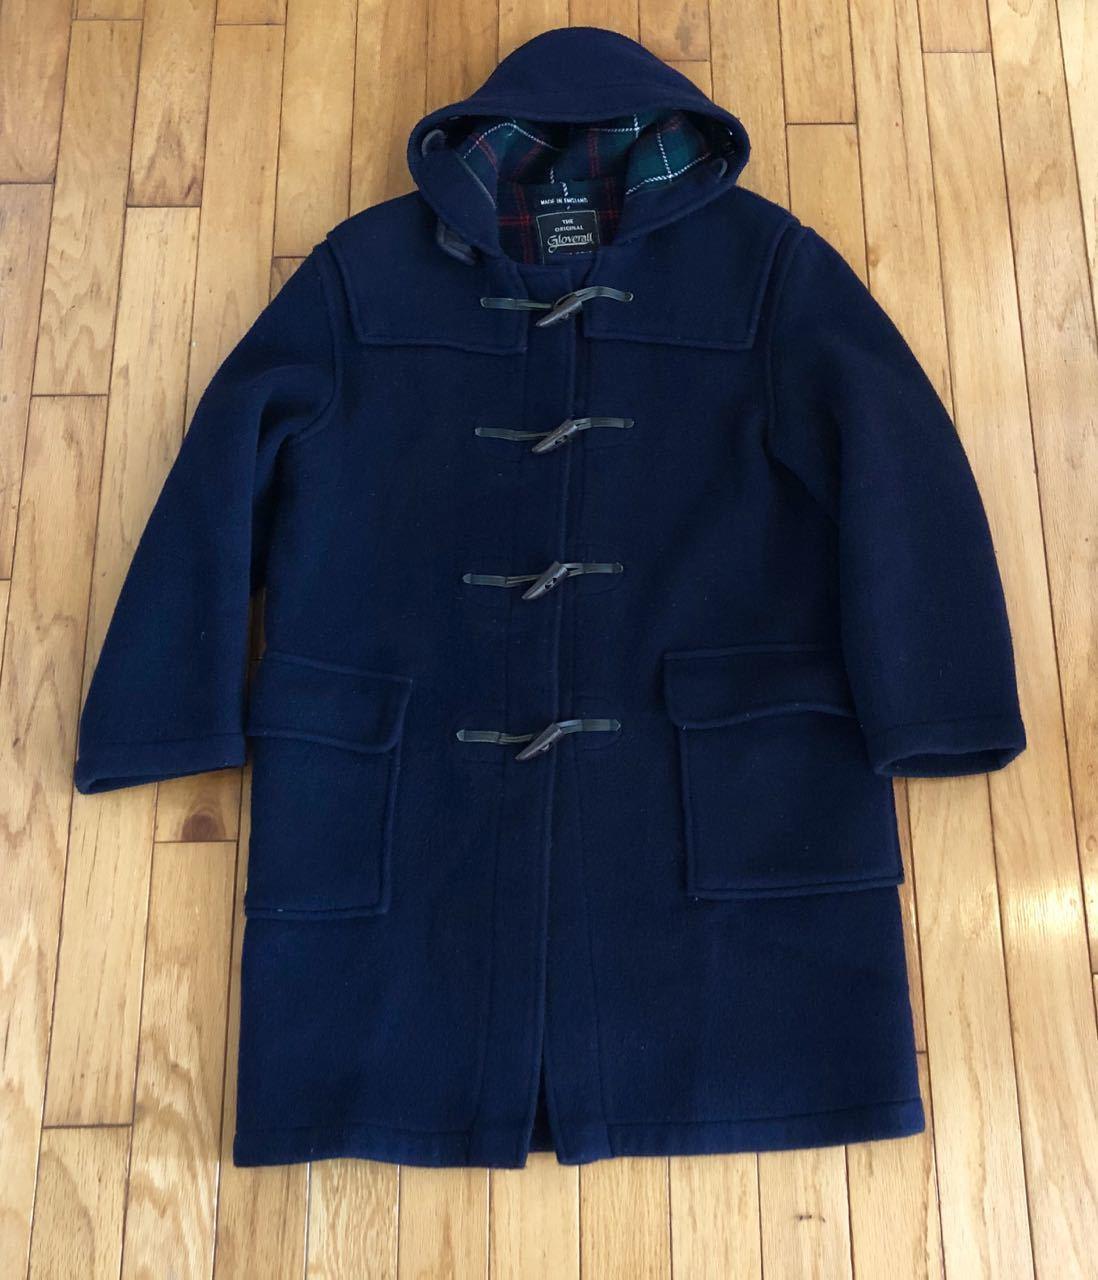 12月21日(土)入荷!90s Made in England Groverall  Duffle Coat グローバーオール ダッフルコート_c0144020_14073535.jpg